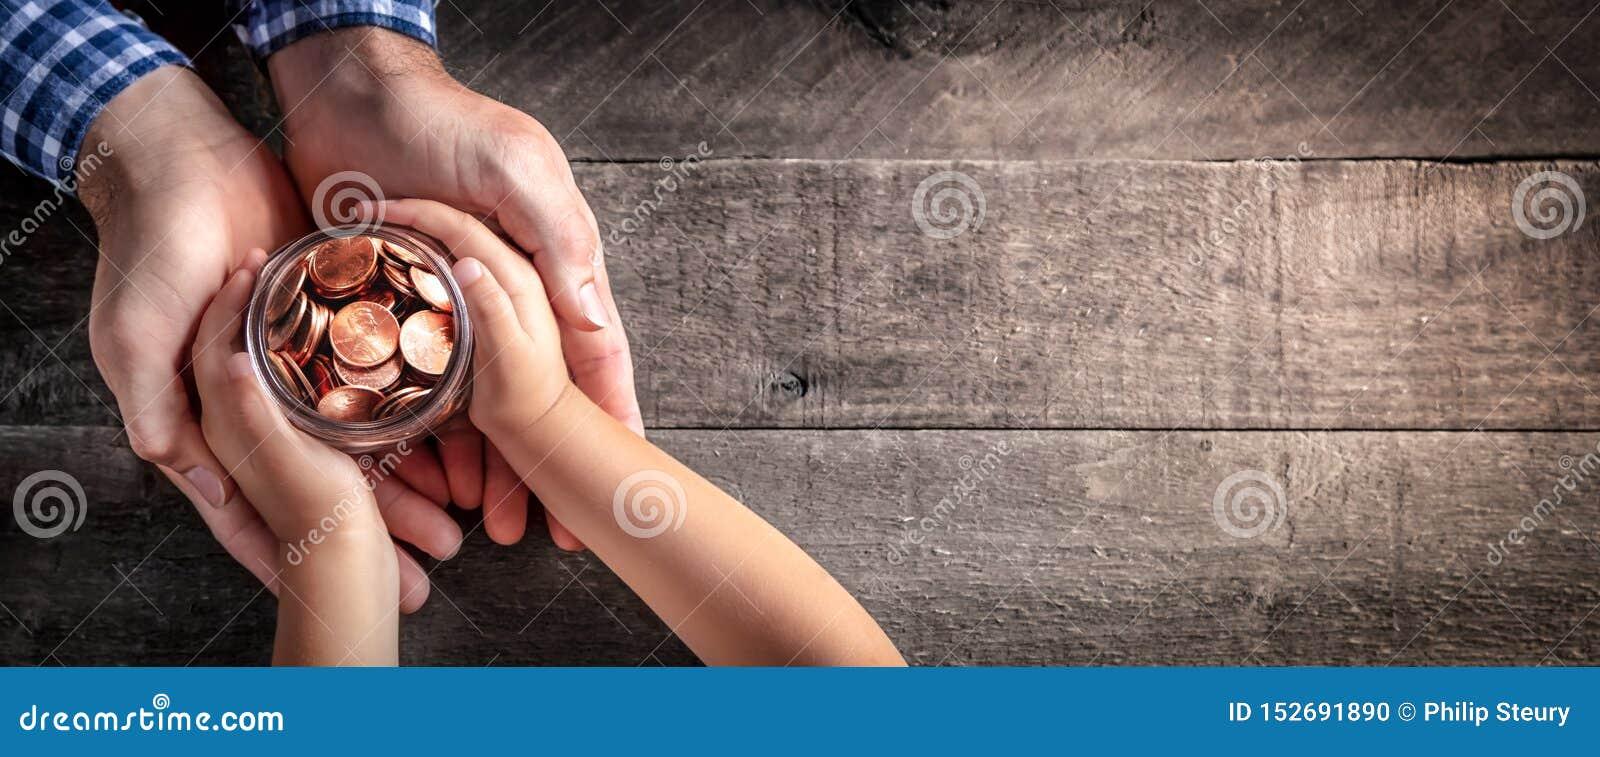 Vater Giving Jar Of prägt zum Kind